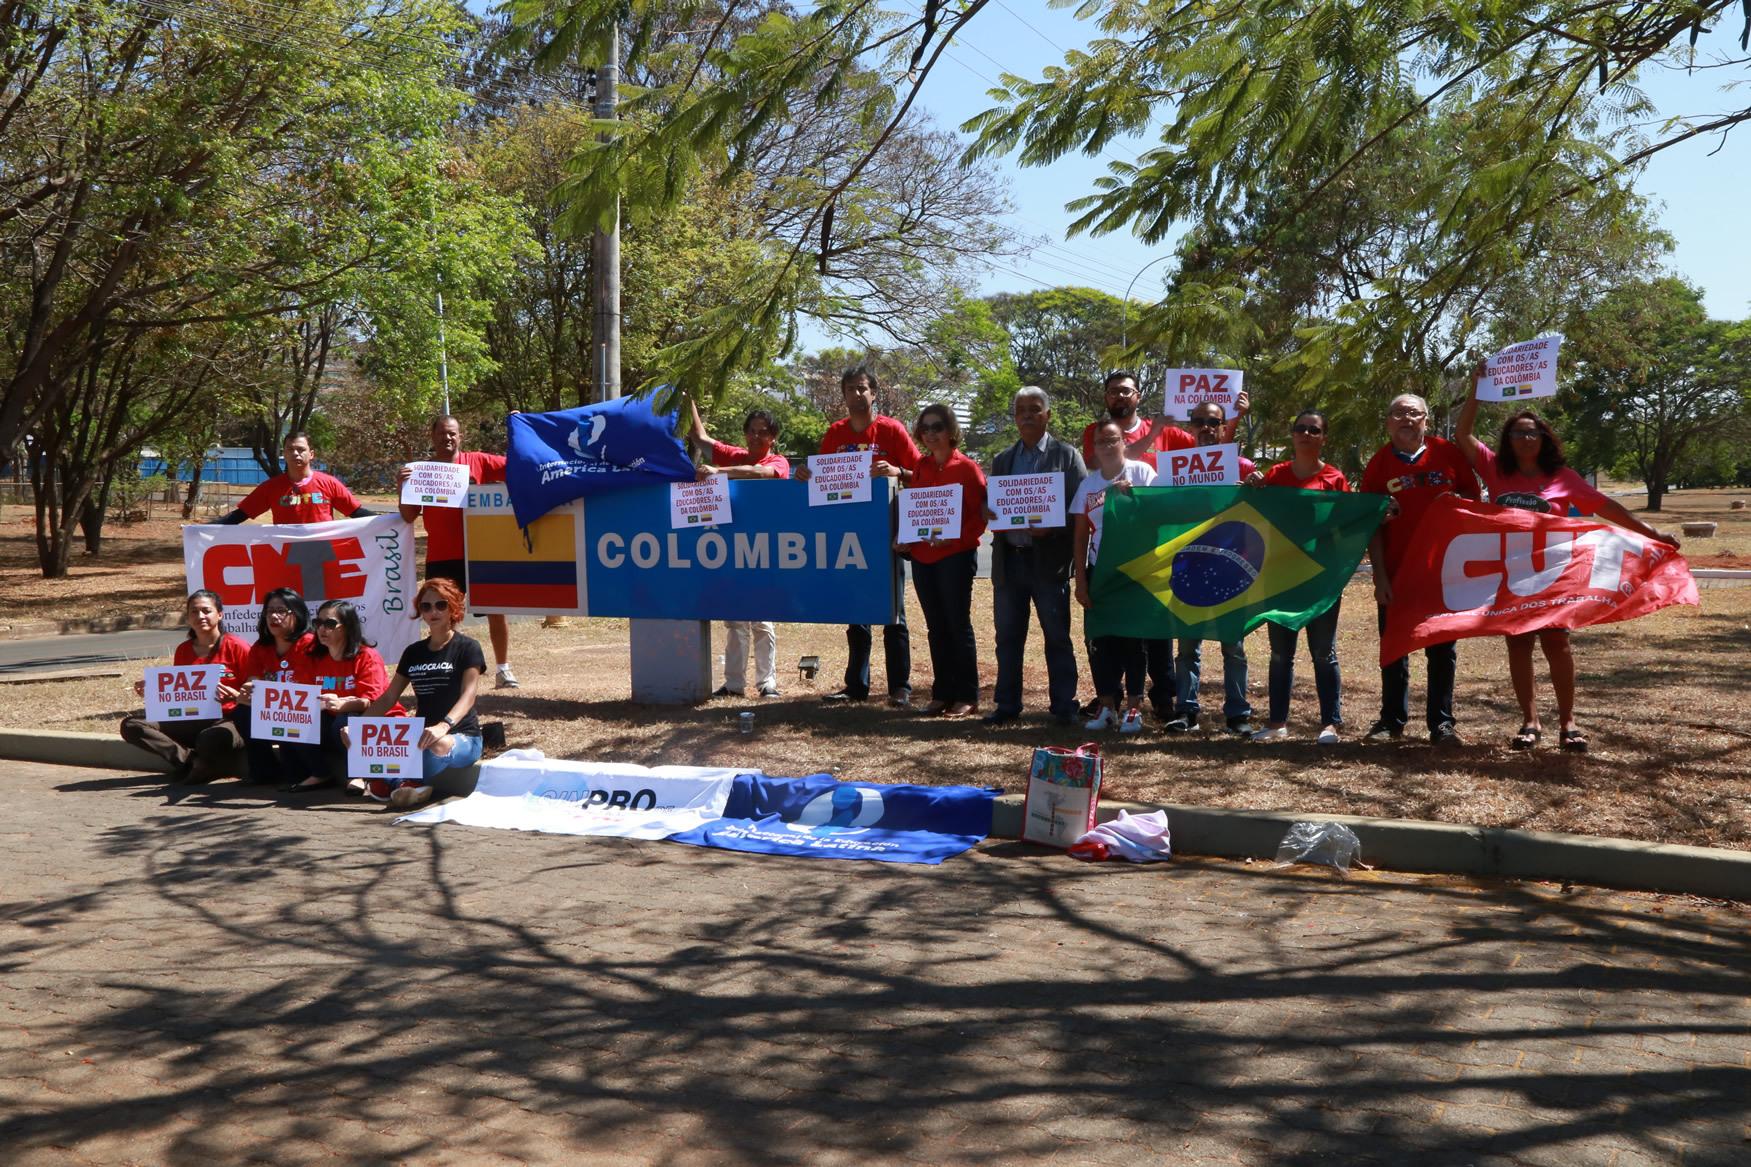 2019.09.12-Ato-Embaixada-Colombia_fotos-ECOM-23